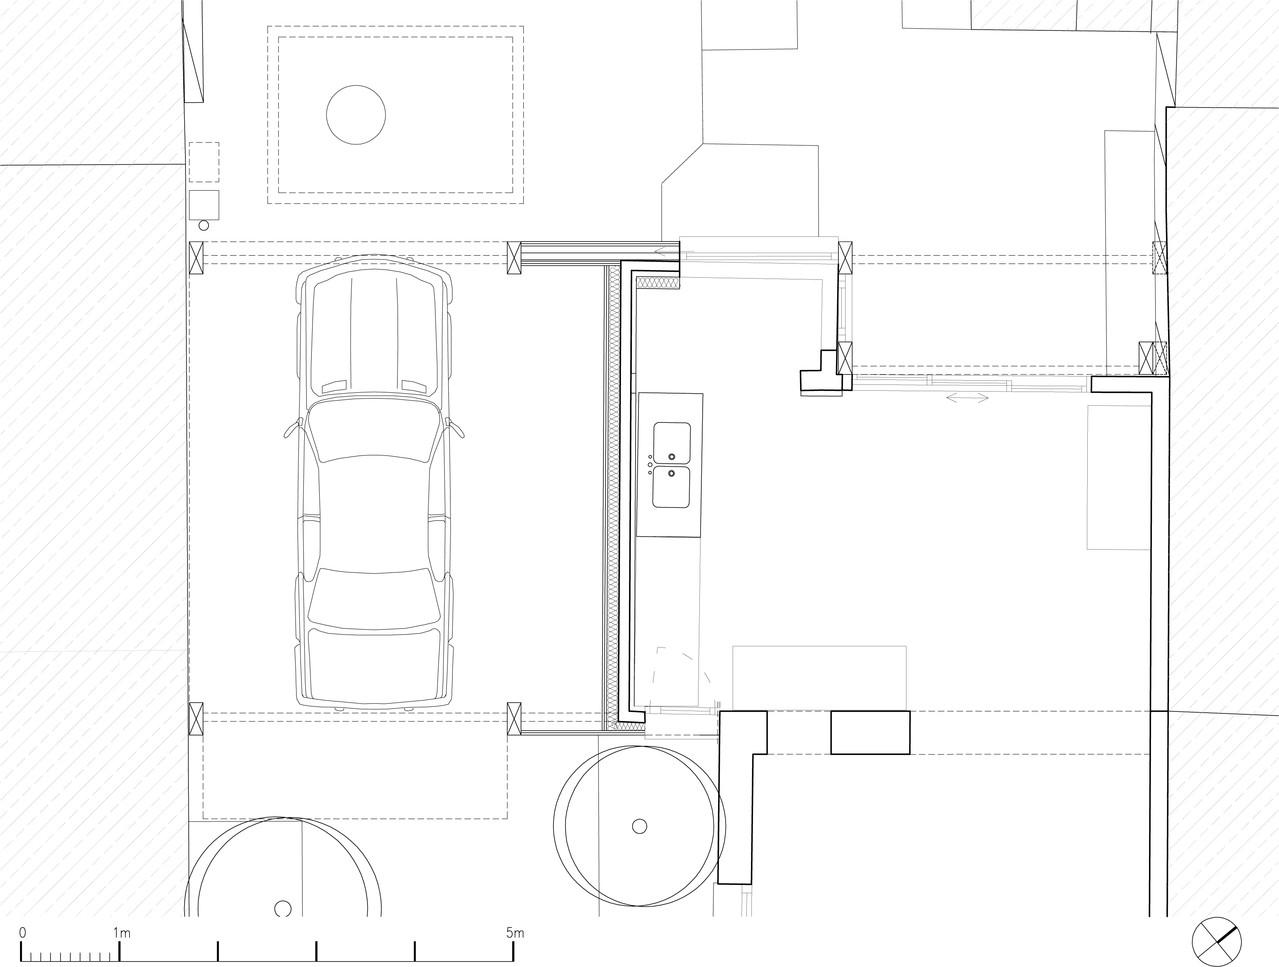 plan du rez-de-chaussée: porche stationnement, cuisine